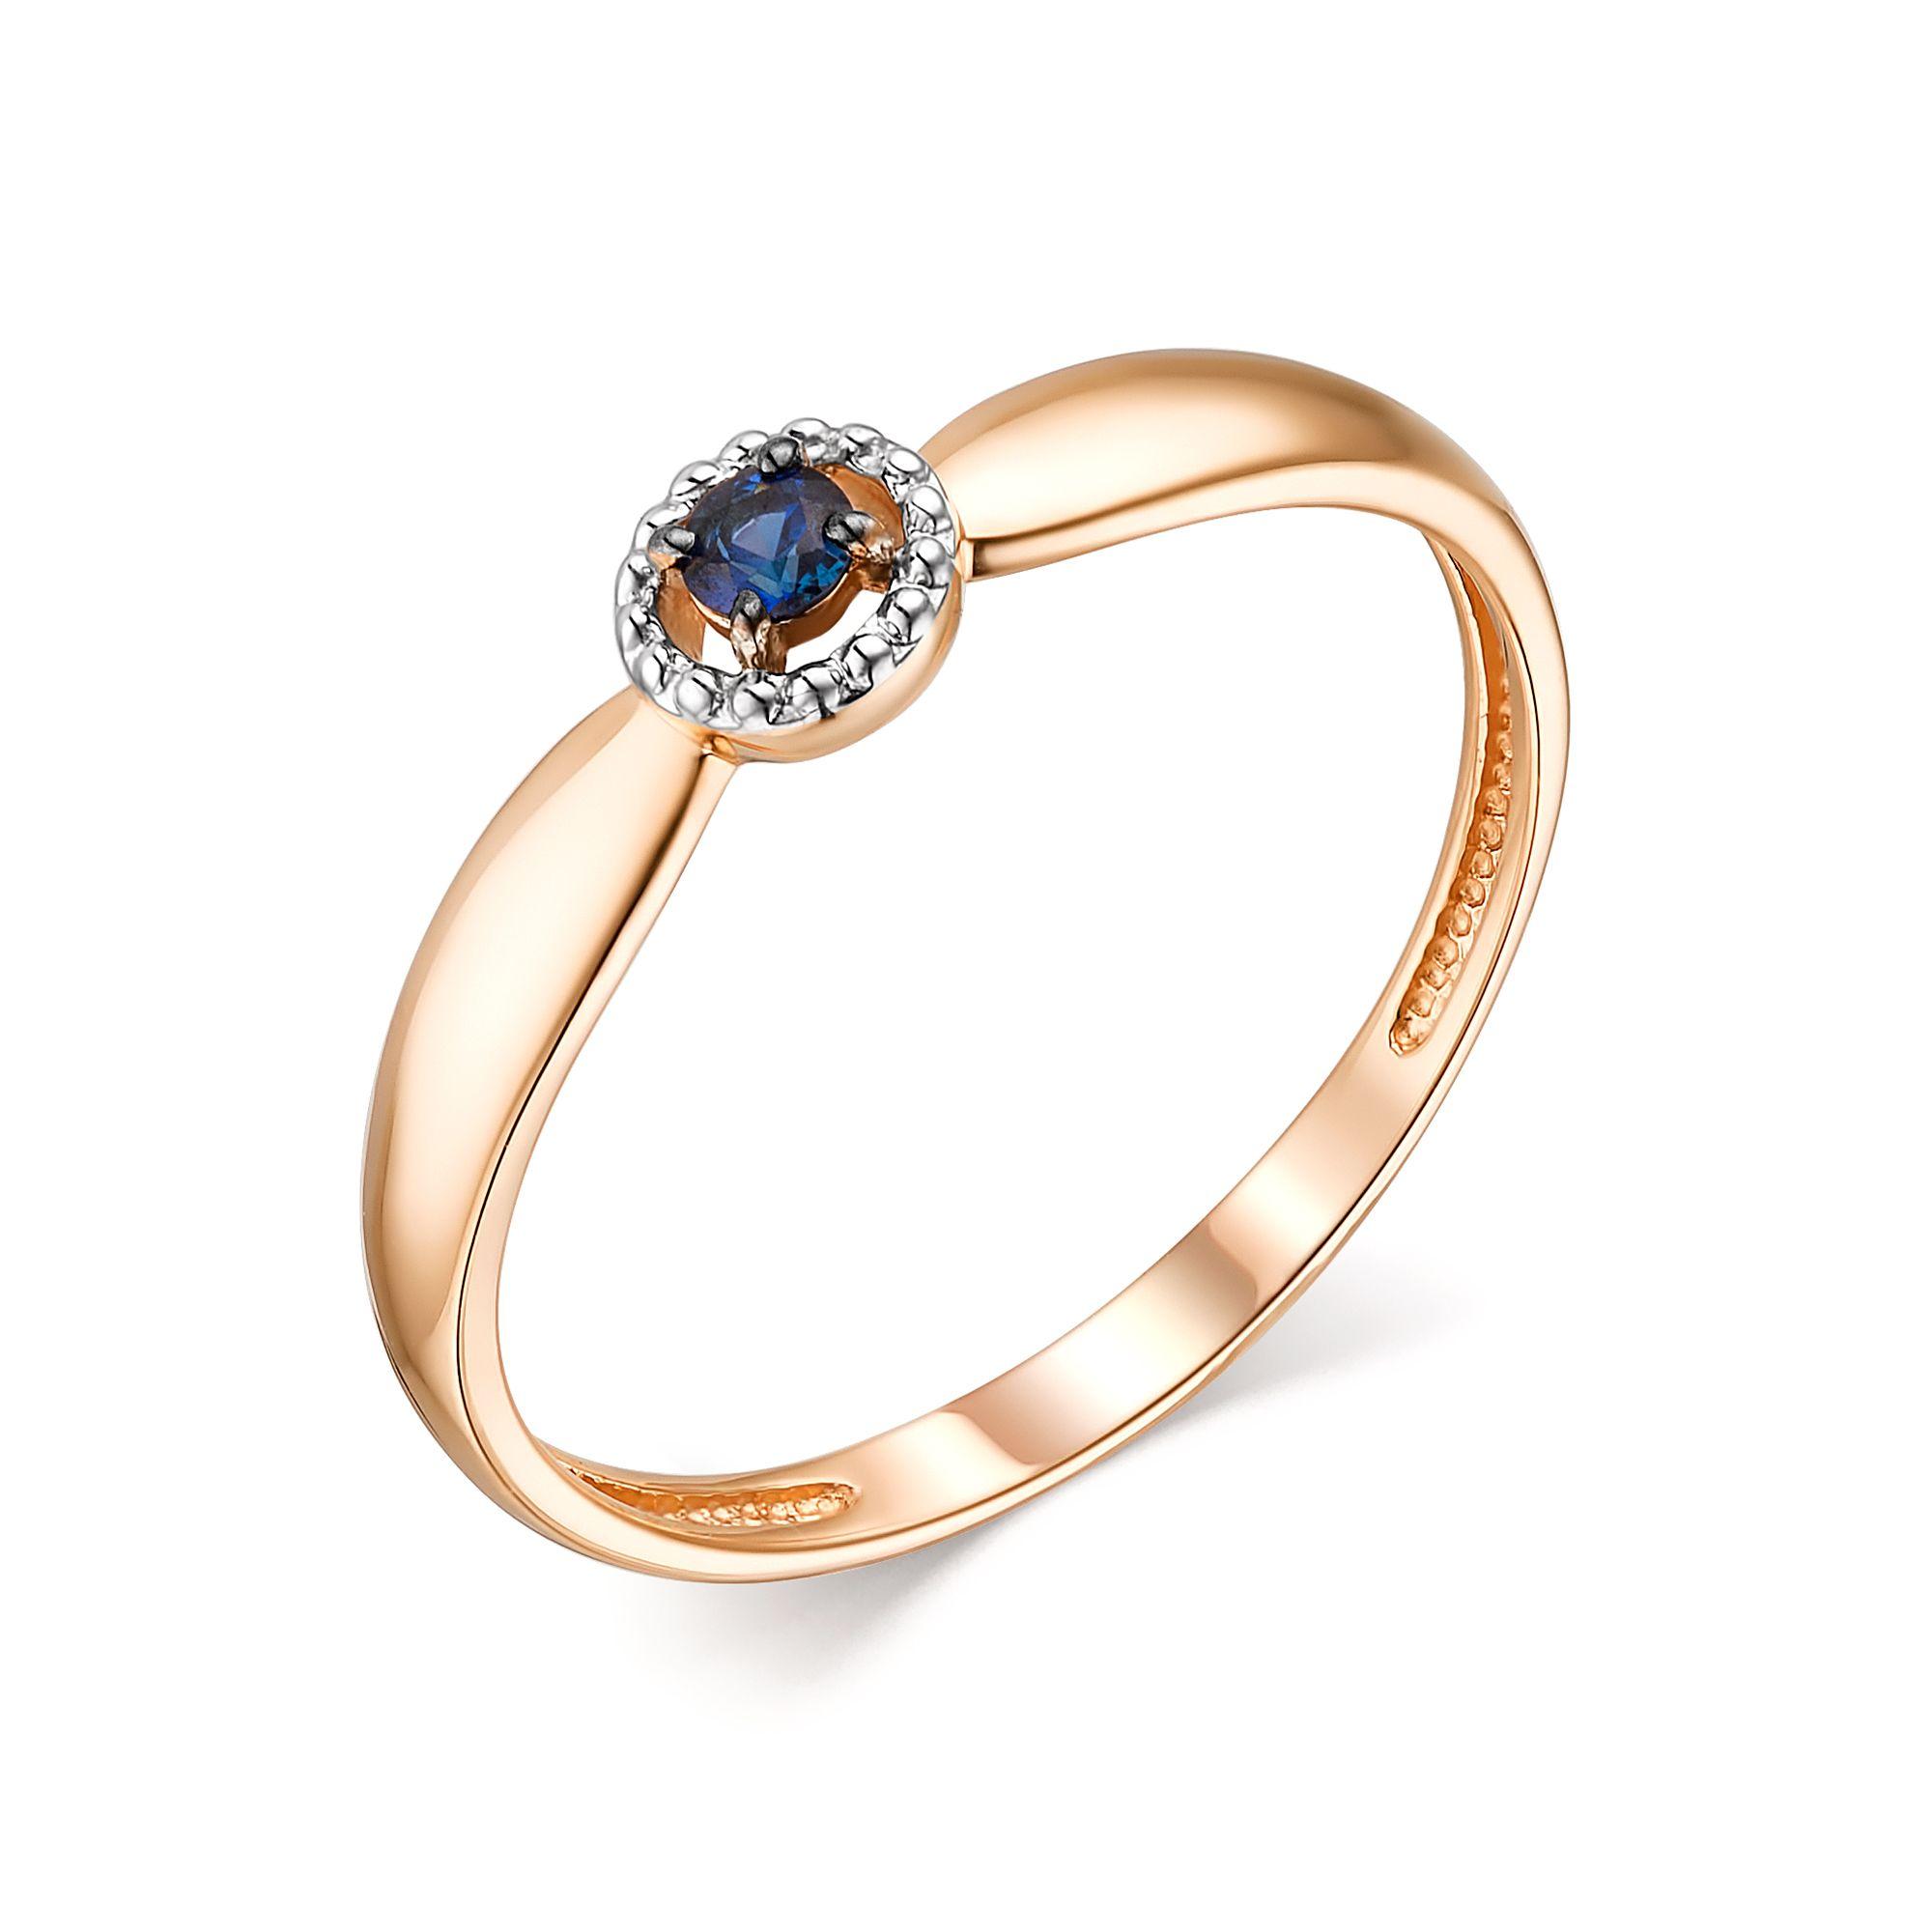 картинка кольцо 13763-102 1 сапфир  круг 0,083 2,5 2/2 13763-102